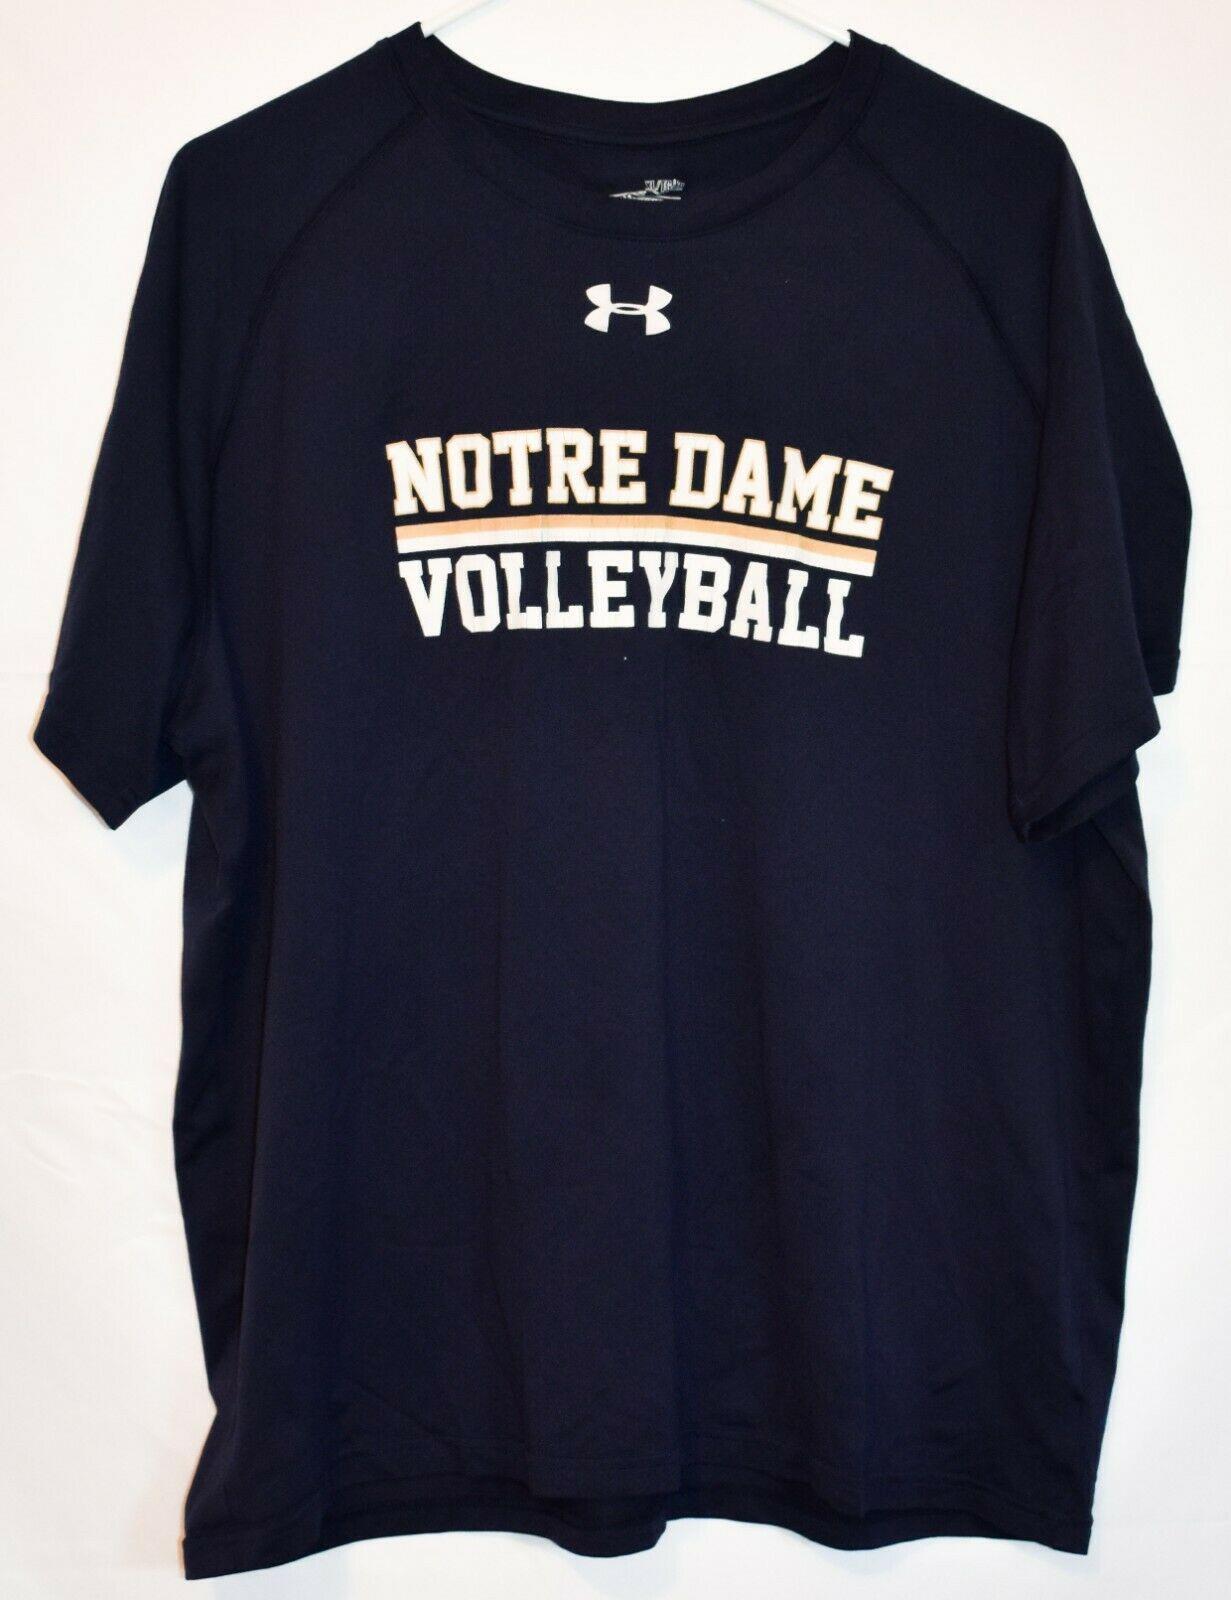 Under Armour Men's Loose HeatGear Notre Dame Volleyball Navy Blue Shirt Size XL